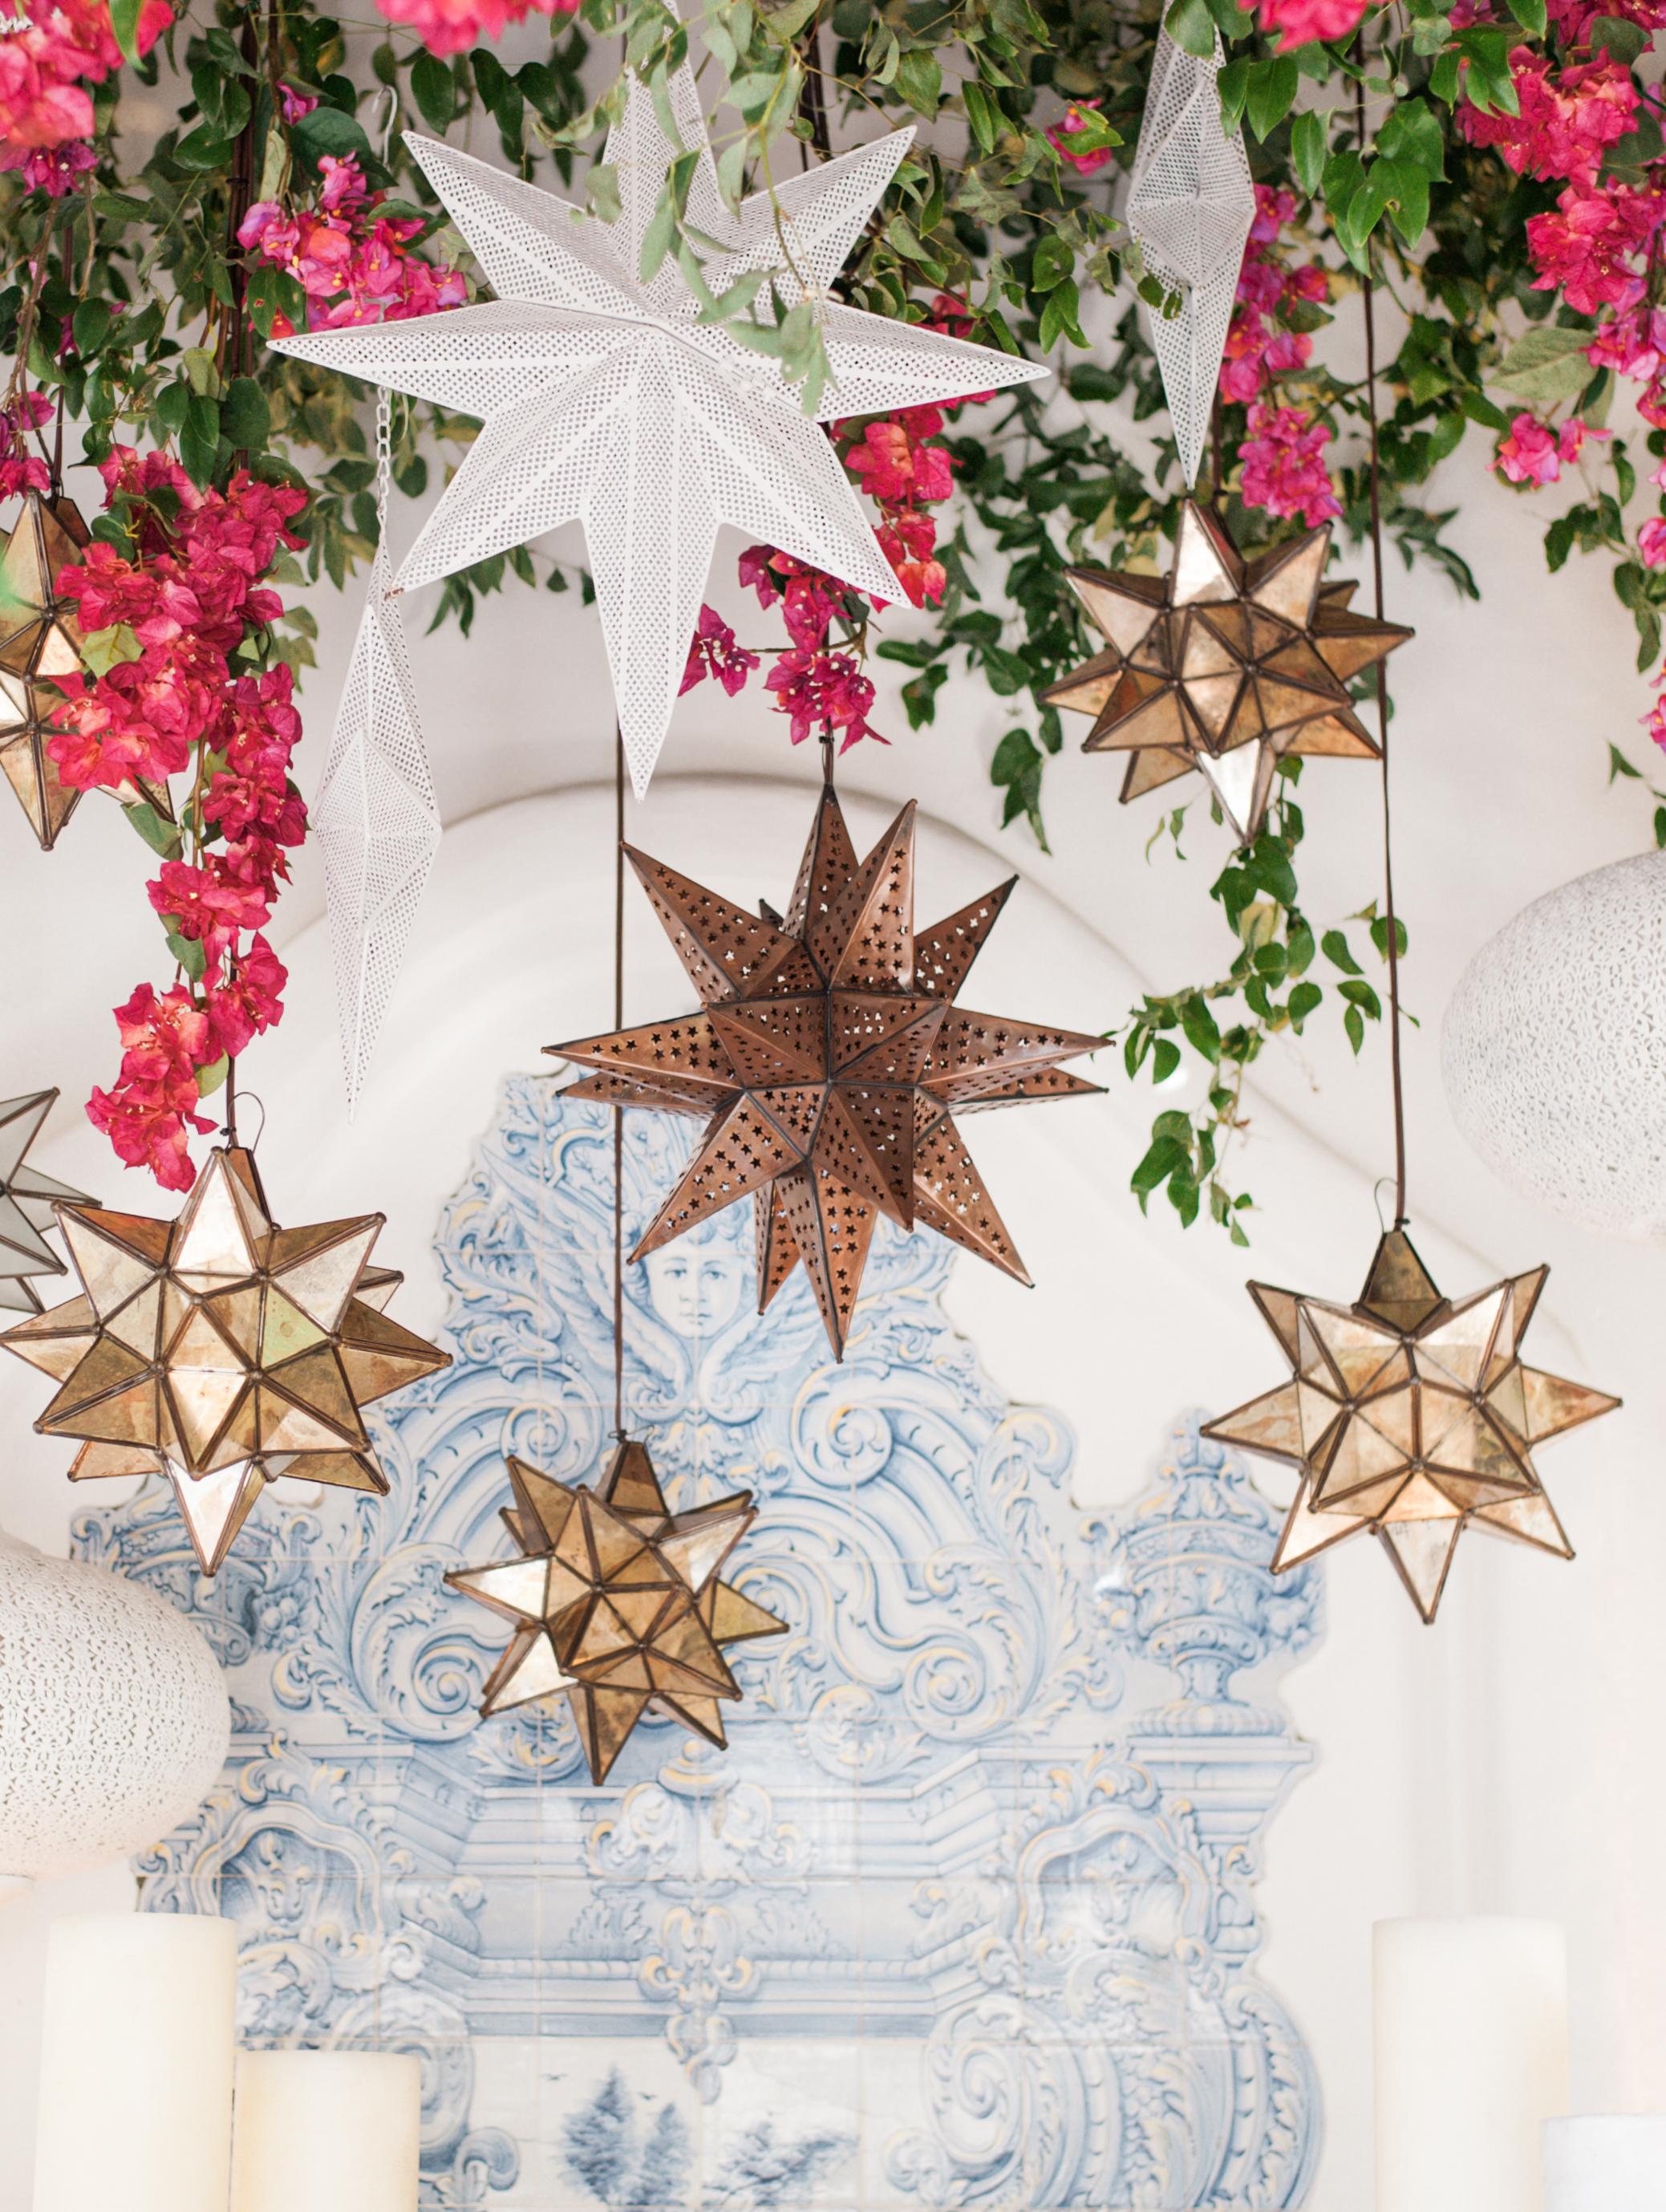 hanging decor